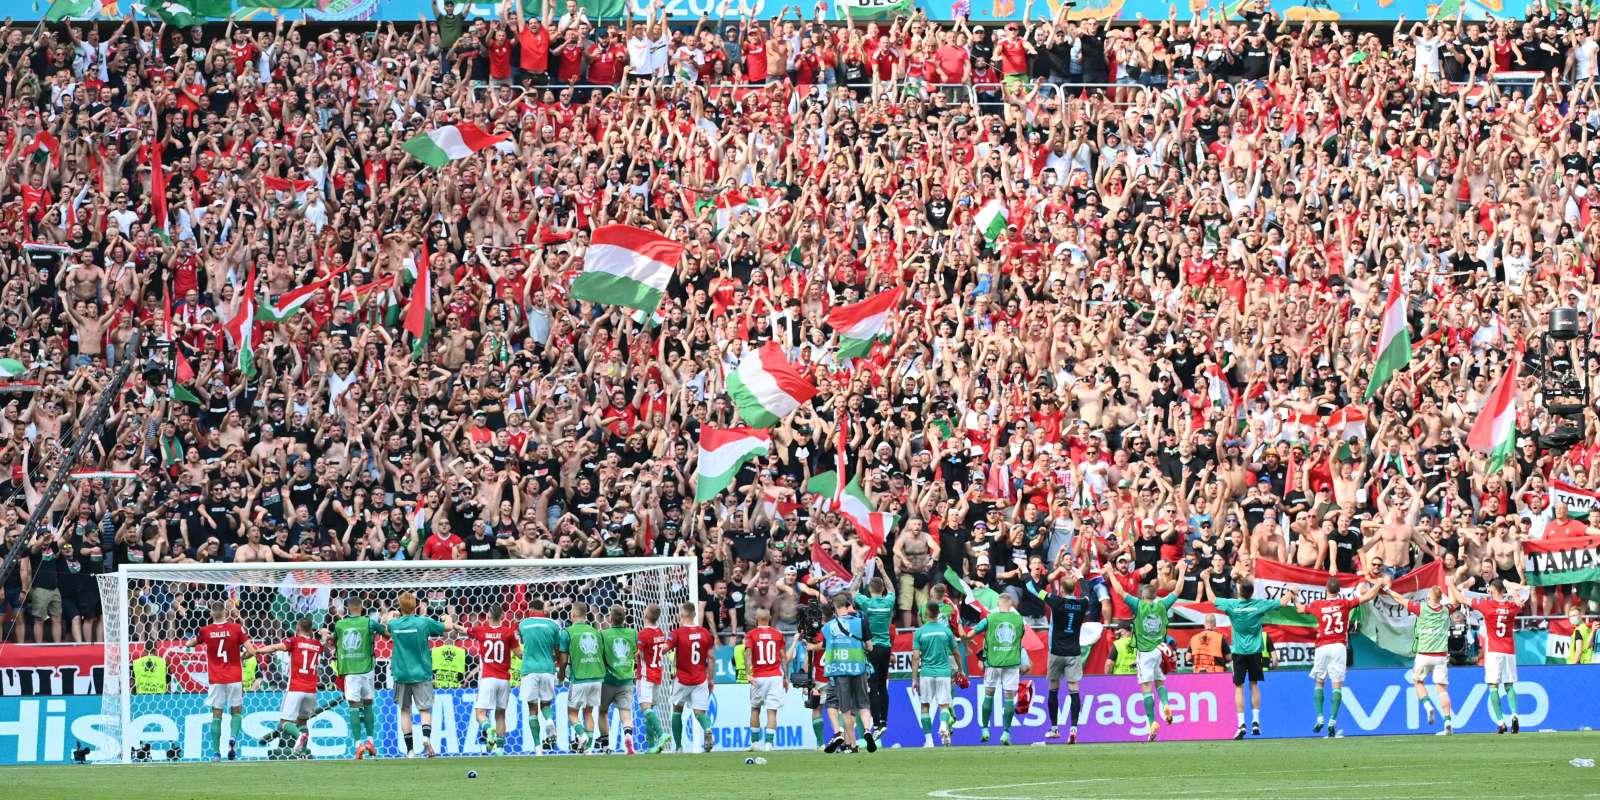 Un match nul en forme de victoire pour la sélection hongroise, qui garde un espoir de qualification, le 19 juin, au stade Ferenc-Puskas à Budapest.